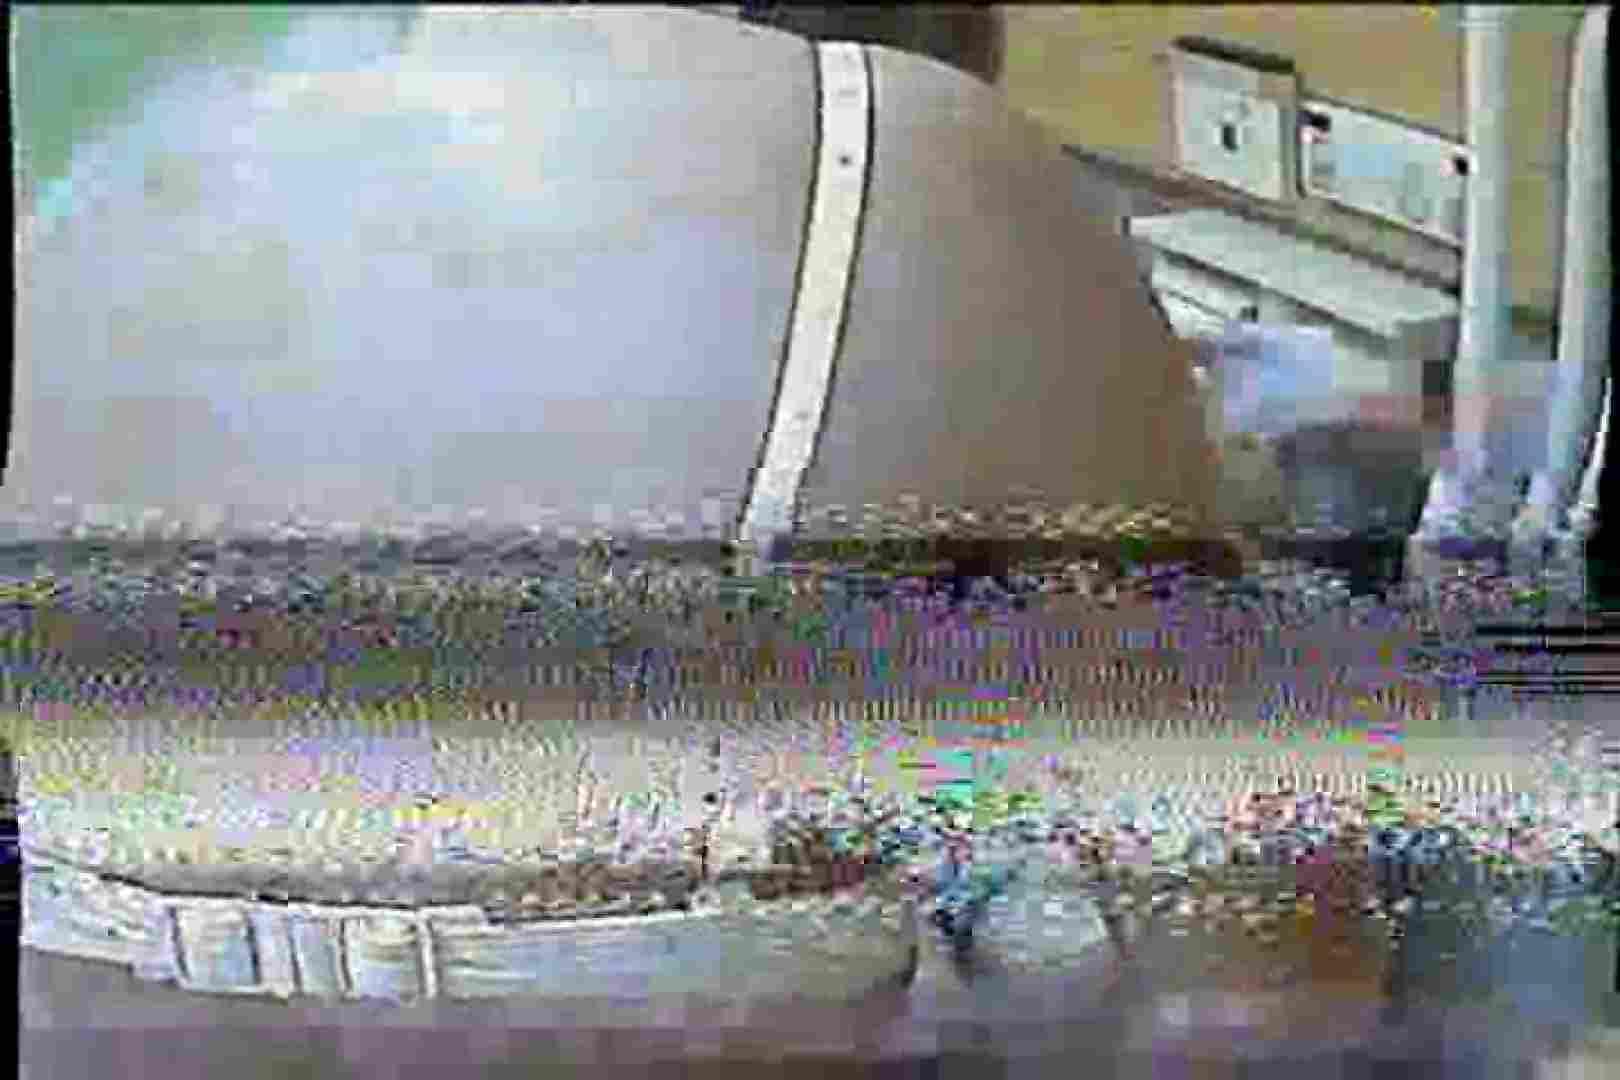 2点盗撮洗面所潜入レポートVol.7 洋式固定カメラ編 0 | 0  101画像 17